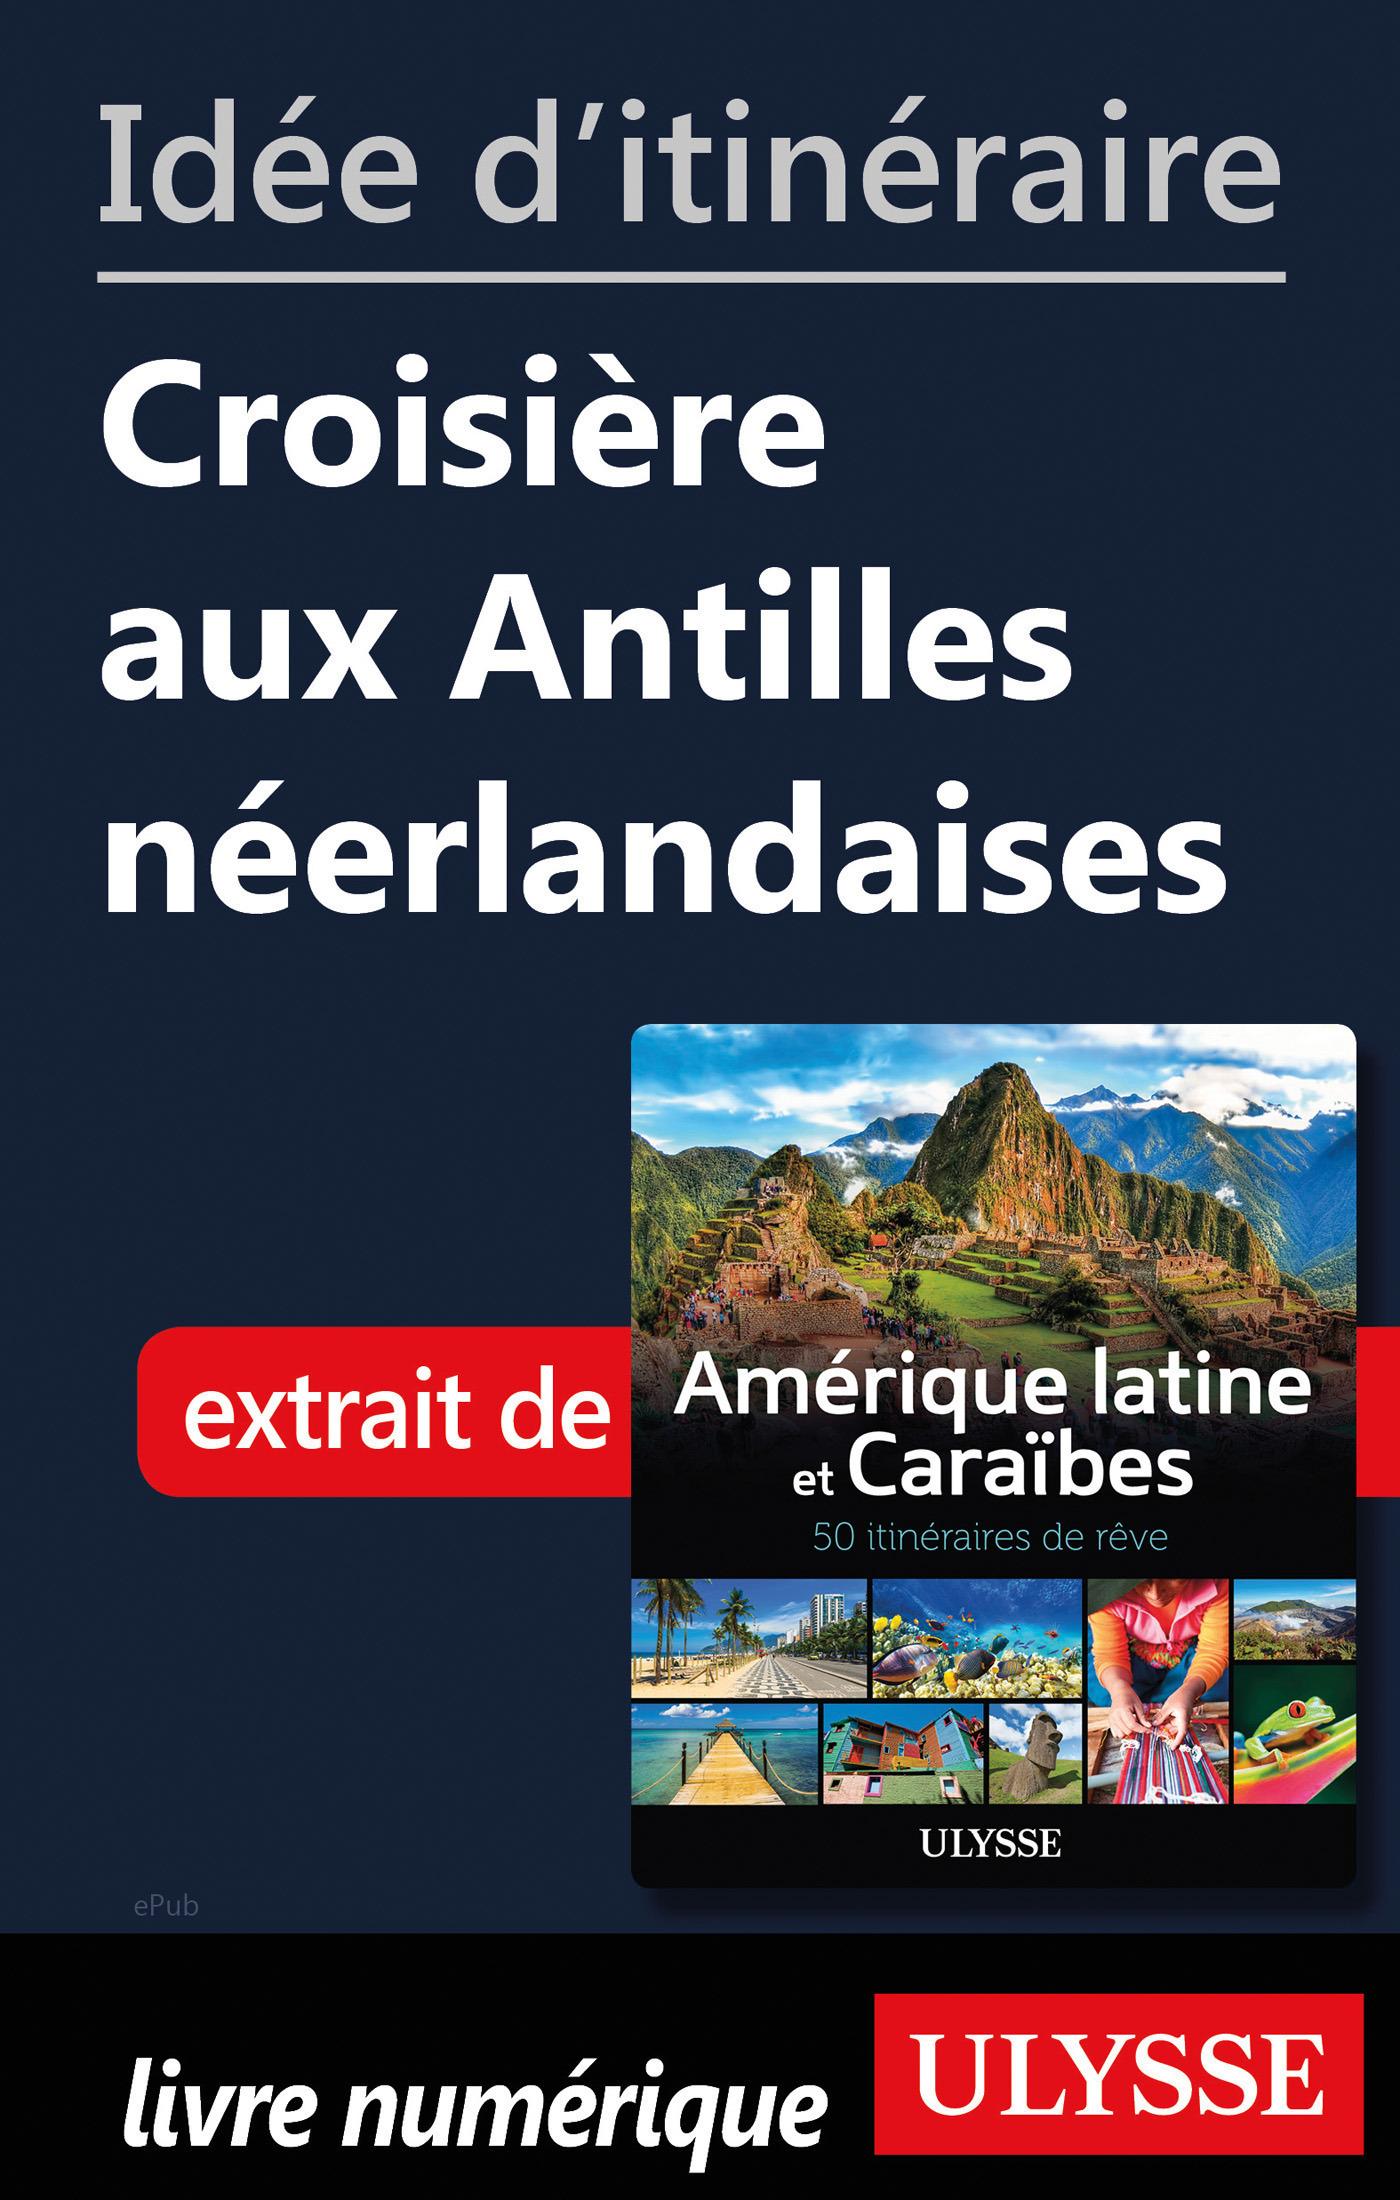 Idée d'itinéraire - Croisière aux Antilles néerlandaises